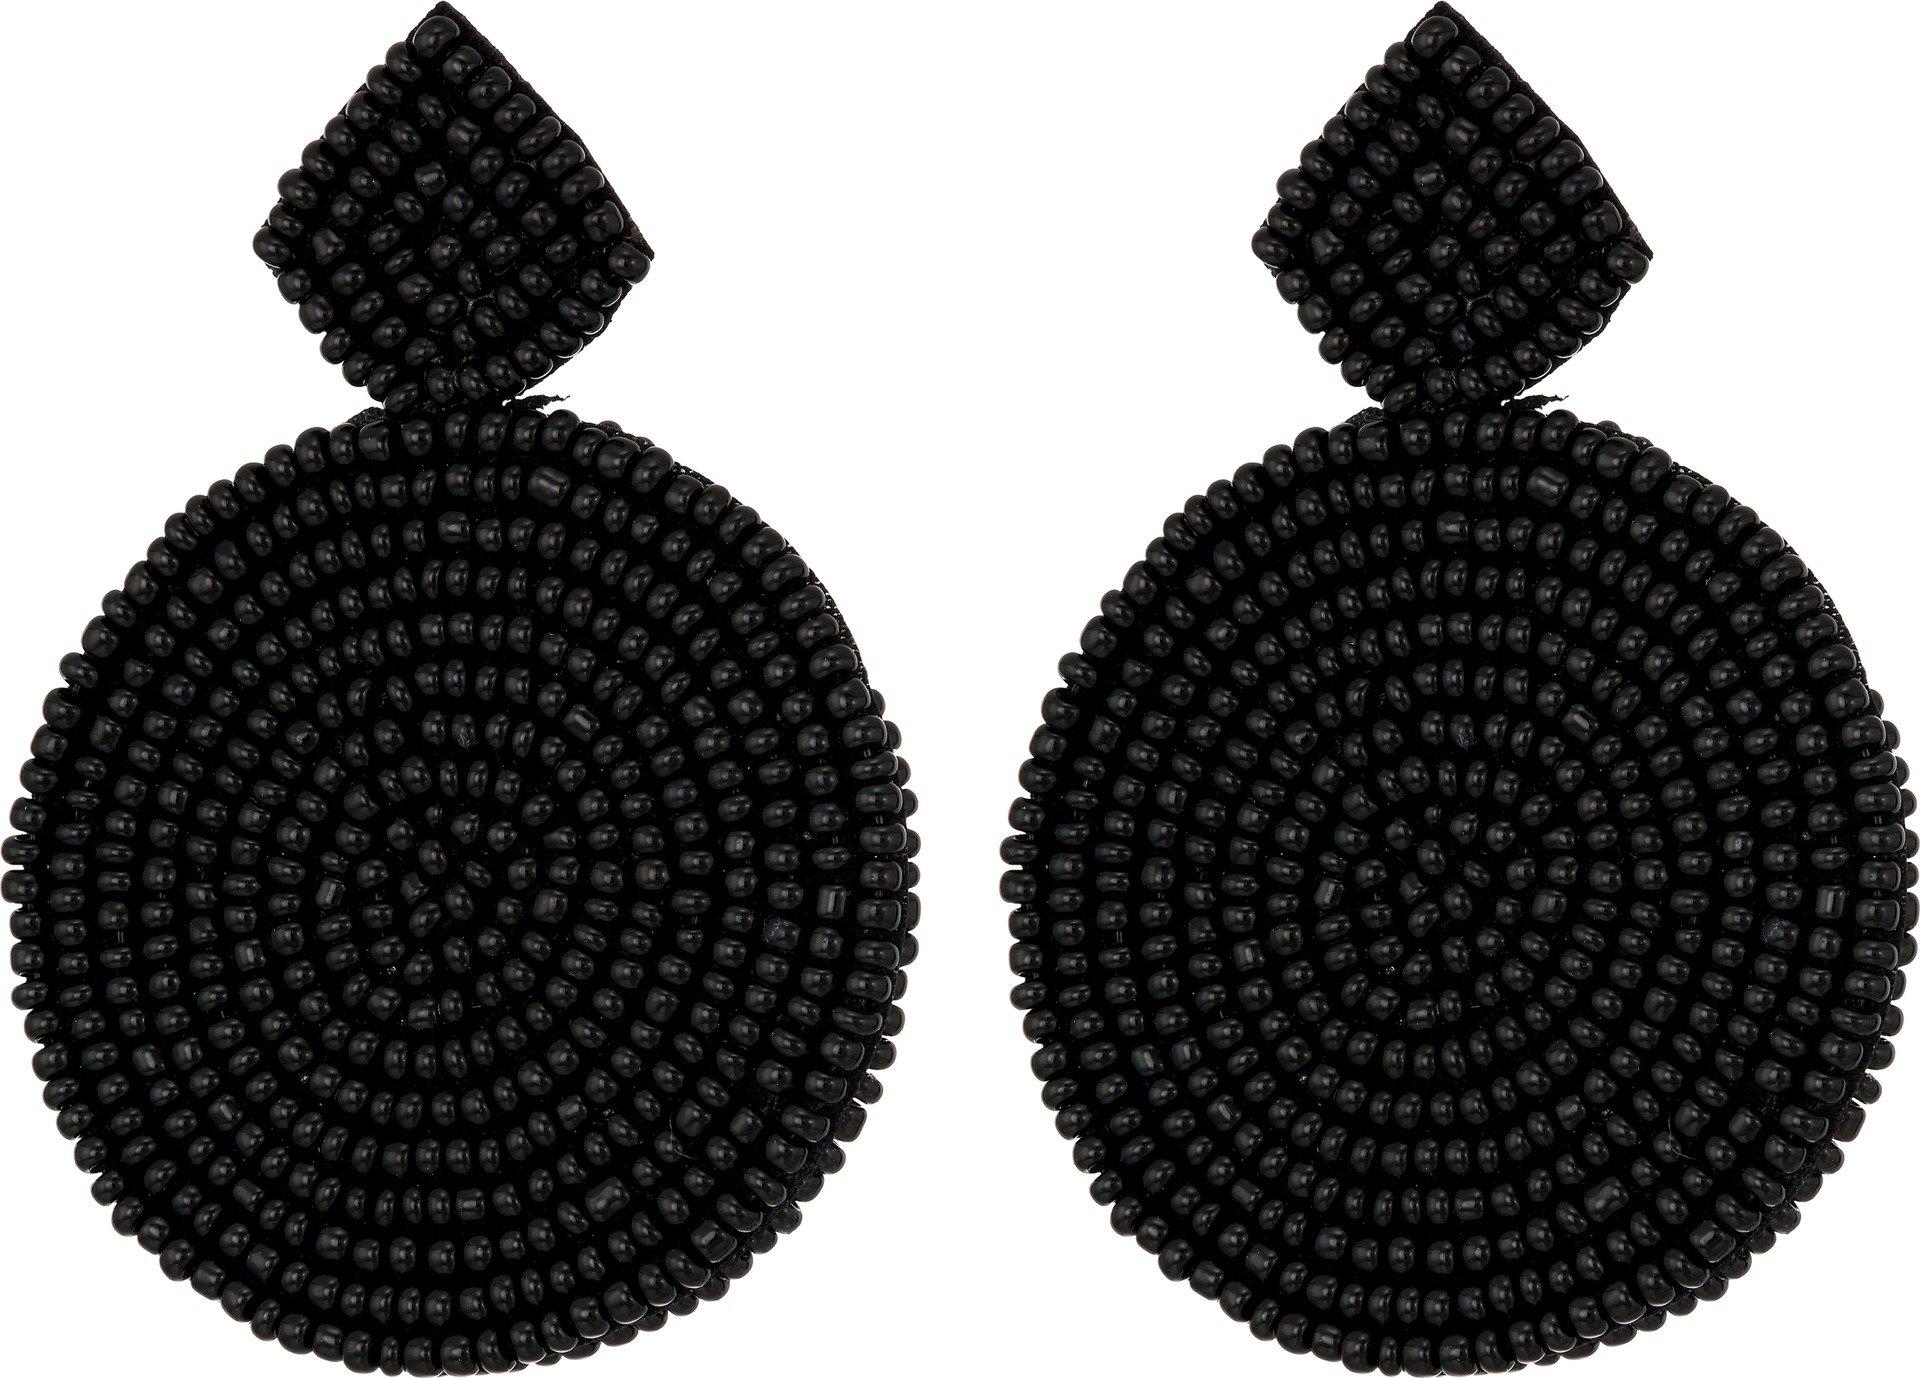 Kenneth Jay Lane Women's Small Black Diamond Shape Top/Round Seedbead Pierced Earrings Black One Size by Kenneth Jay Lane (Image #1)